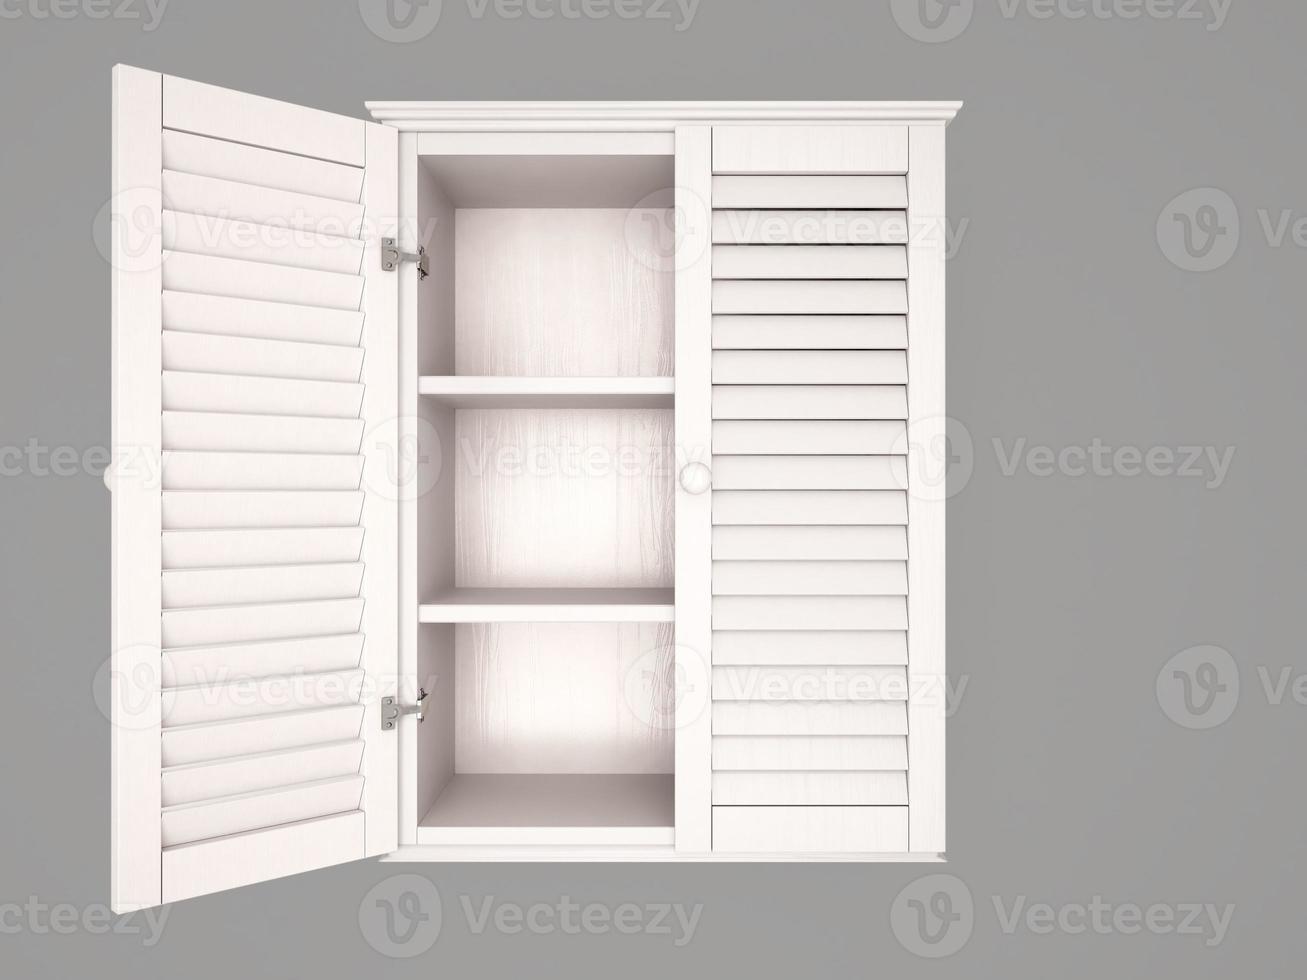 Illustrazione 3D di armadio semiaperto, vuoto, bianco foto